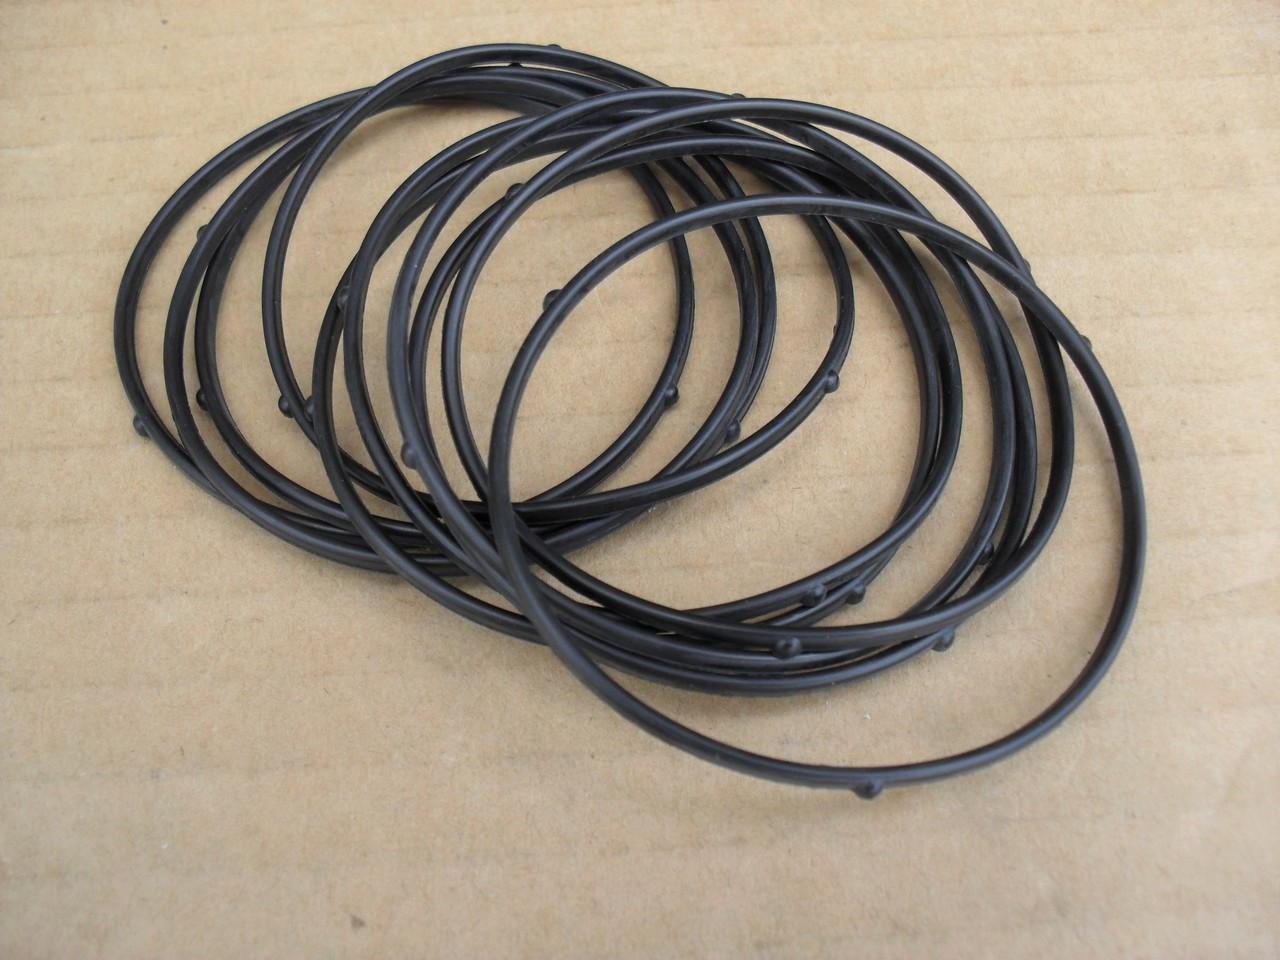 medium resolution of carburetor bowl o rings gasket for honda gx240 gx270 gx340 gx390 gxv270